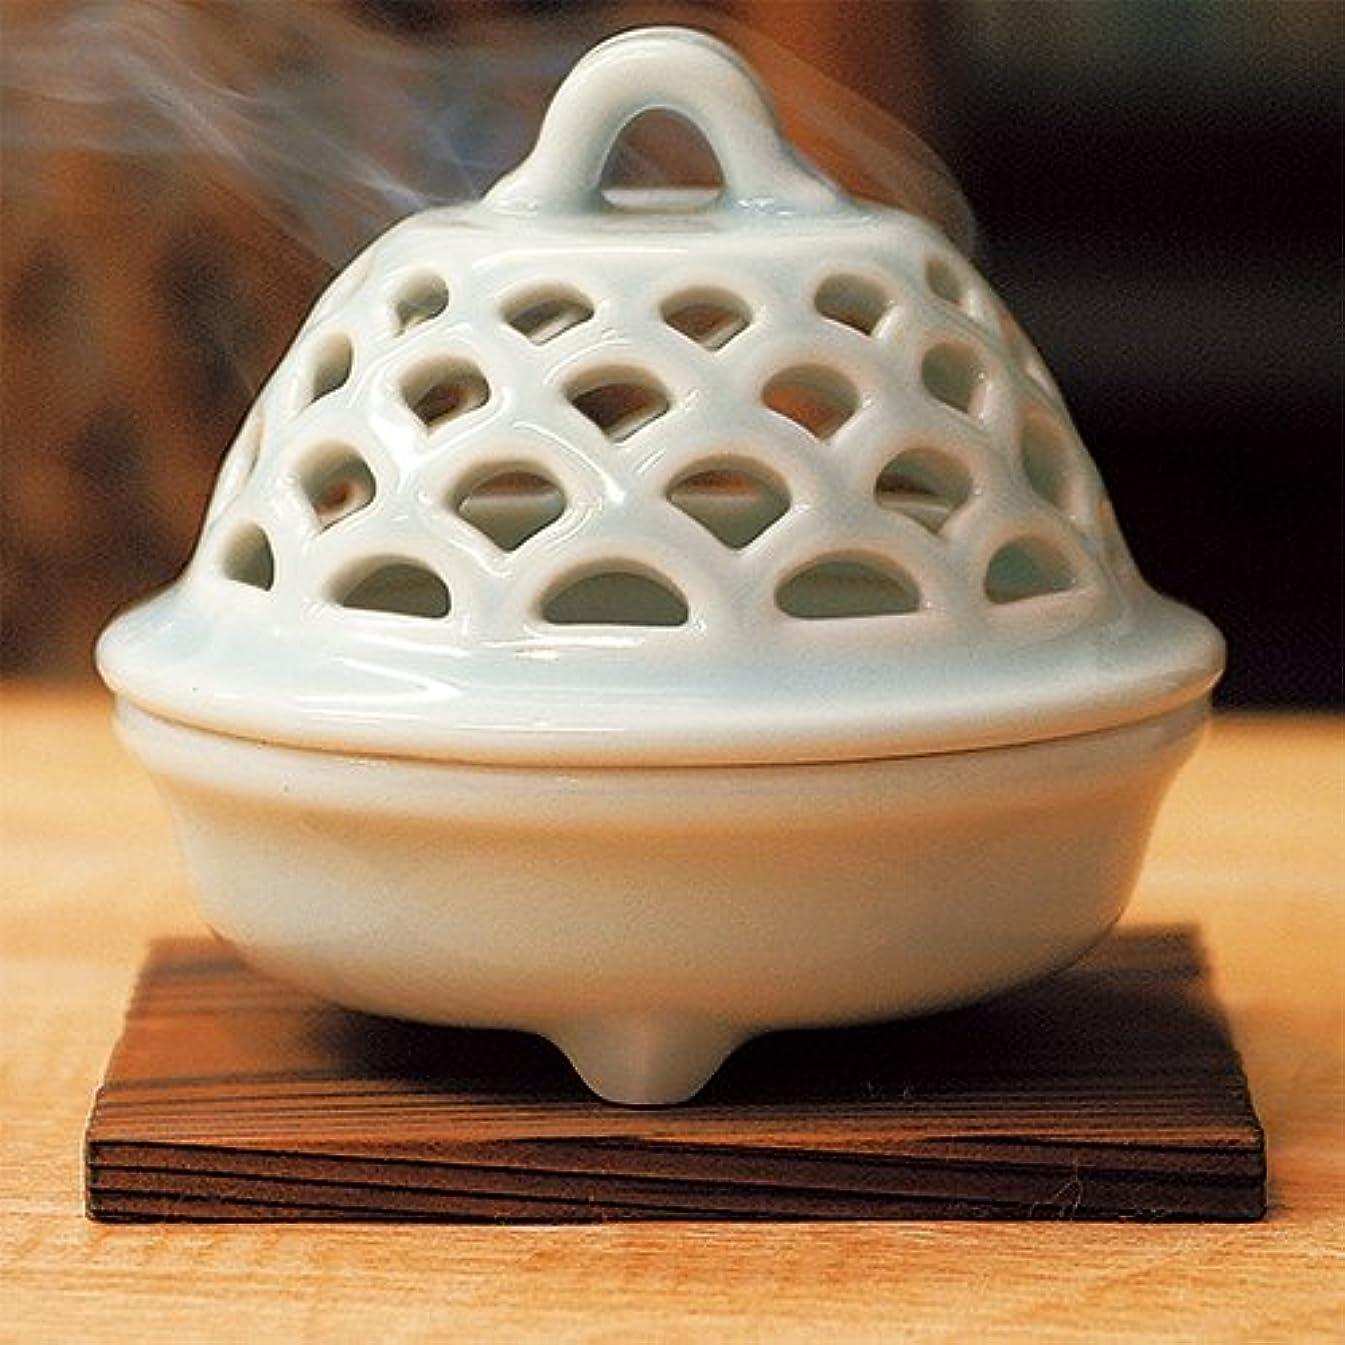 させる明らか西香炉 青磁 透し彫り 香炉 [R9.5xH9cm] プレゼント ギフト 和食器 かわいい インテリア